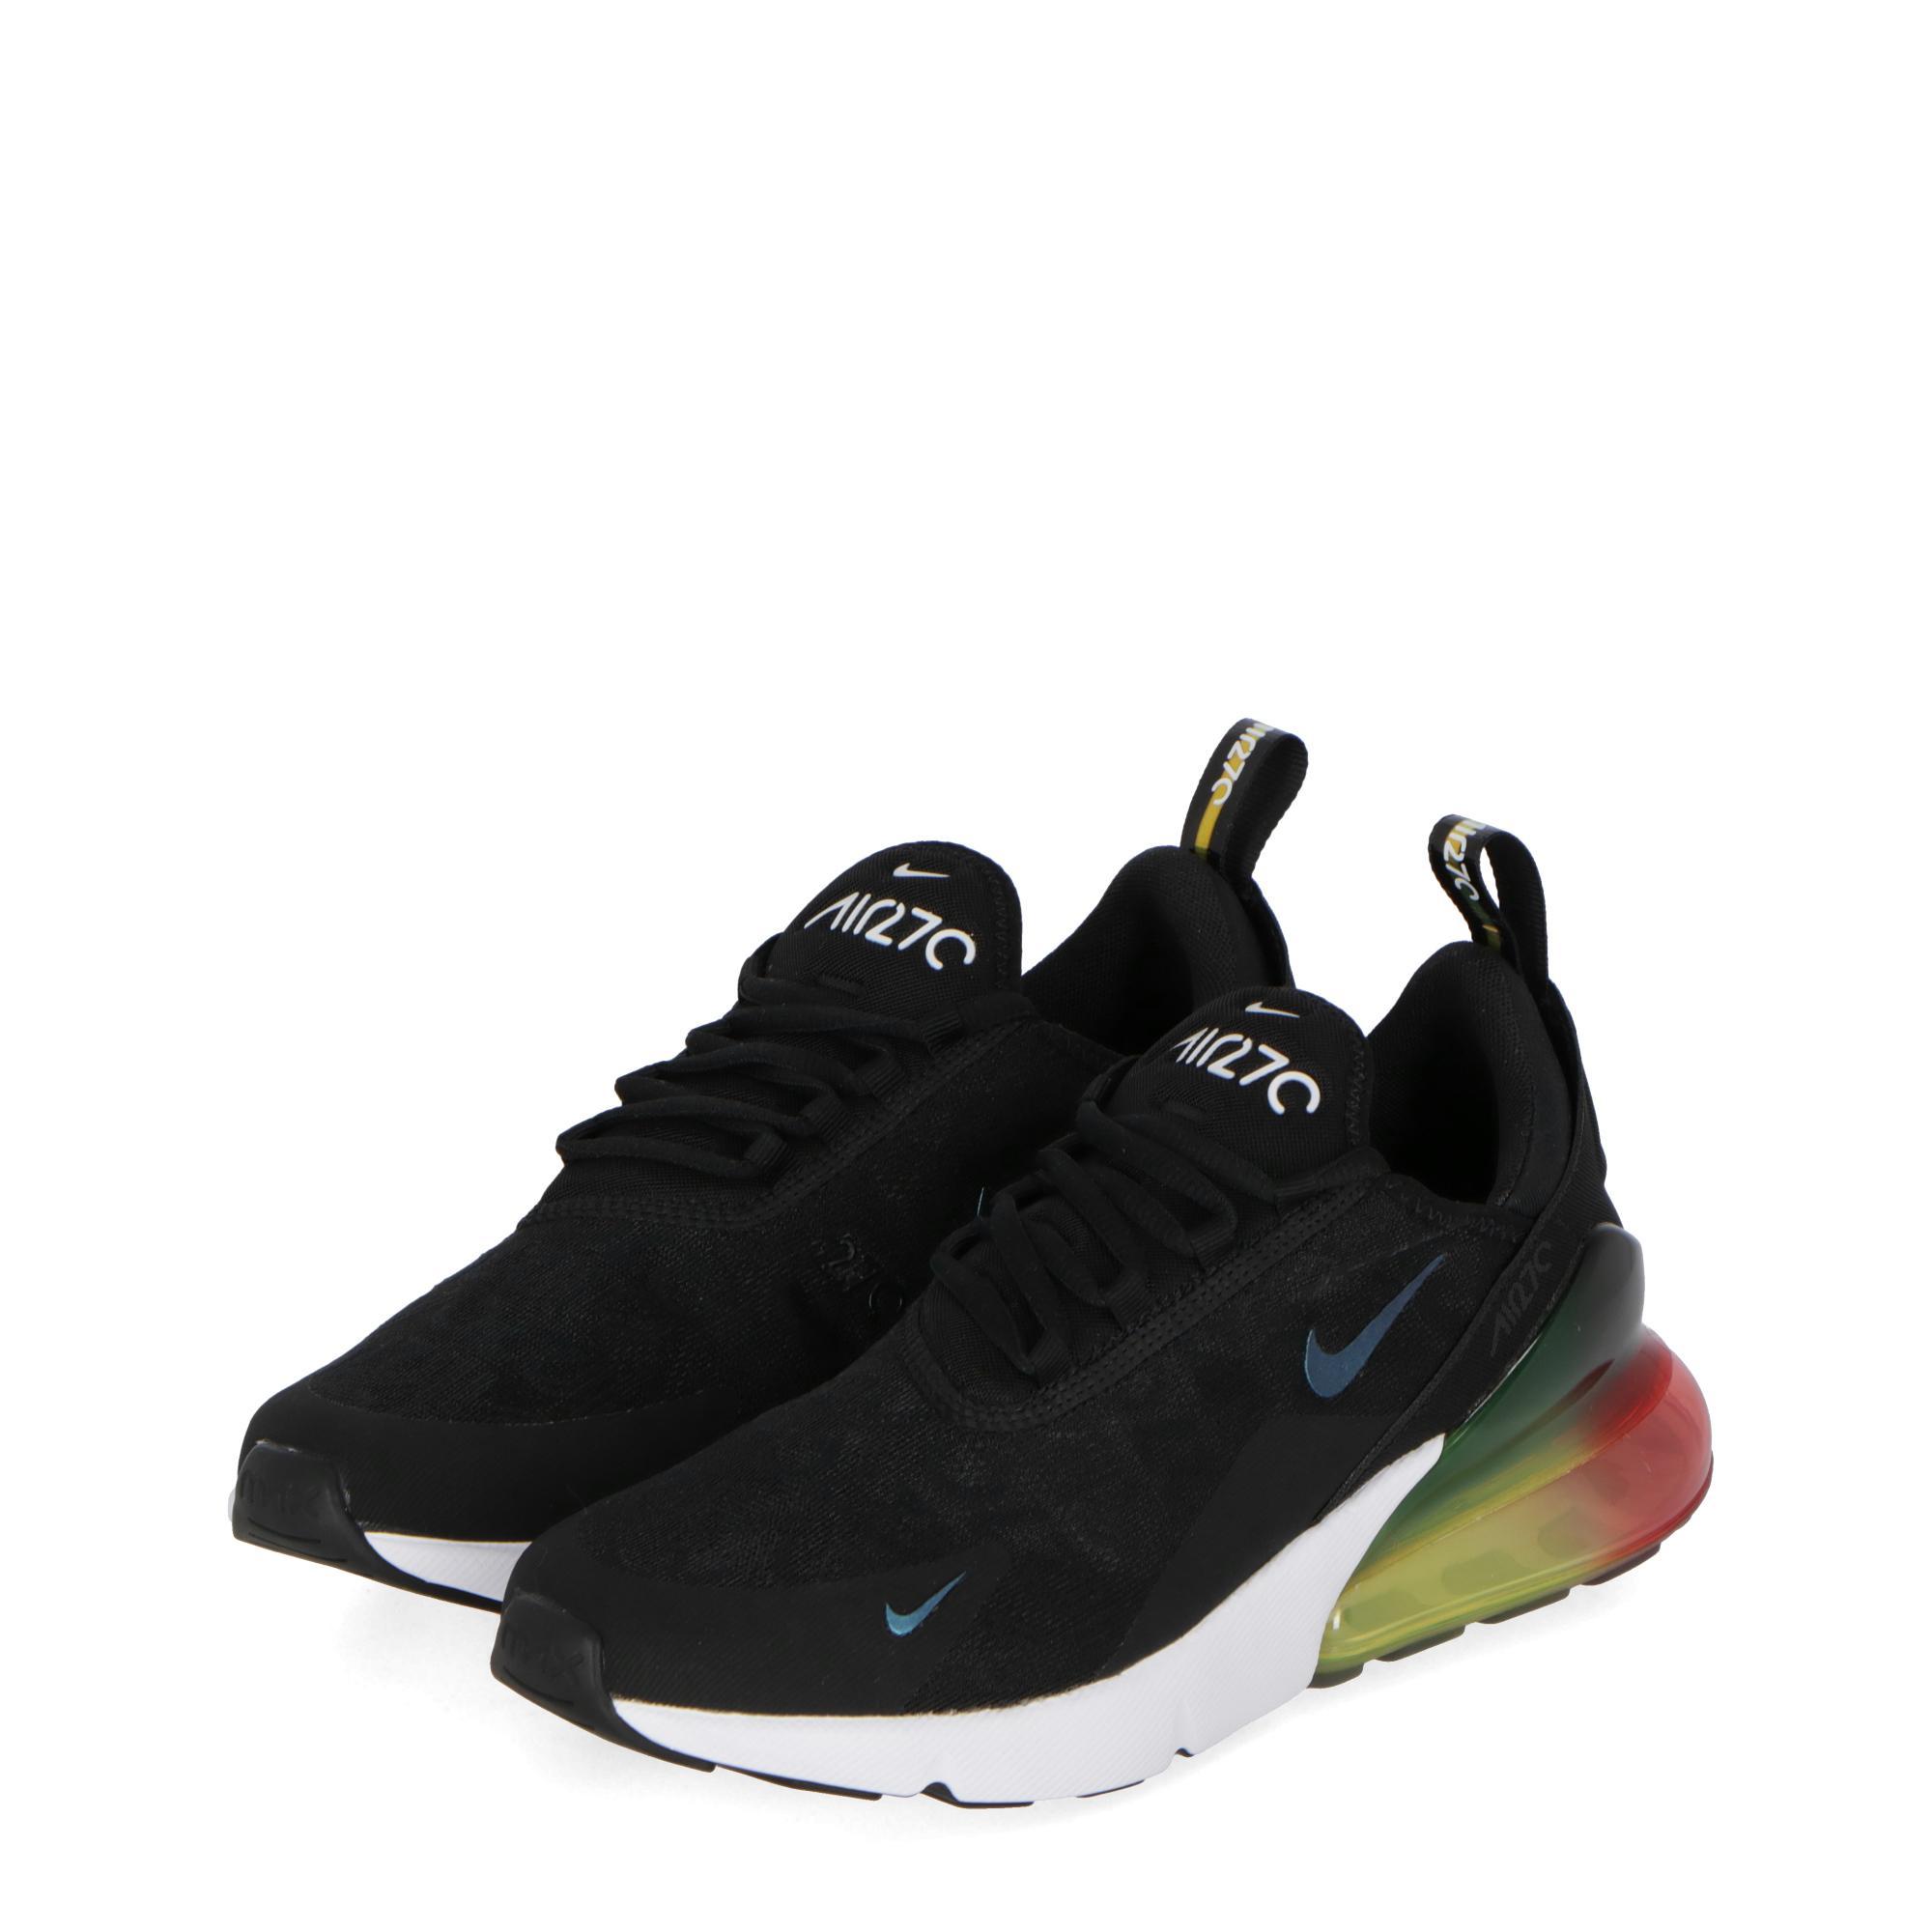 scarpe donna nike air max 270 39